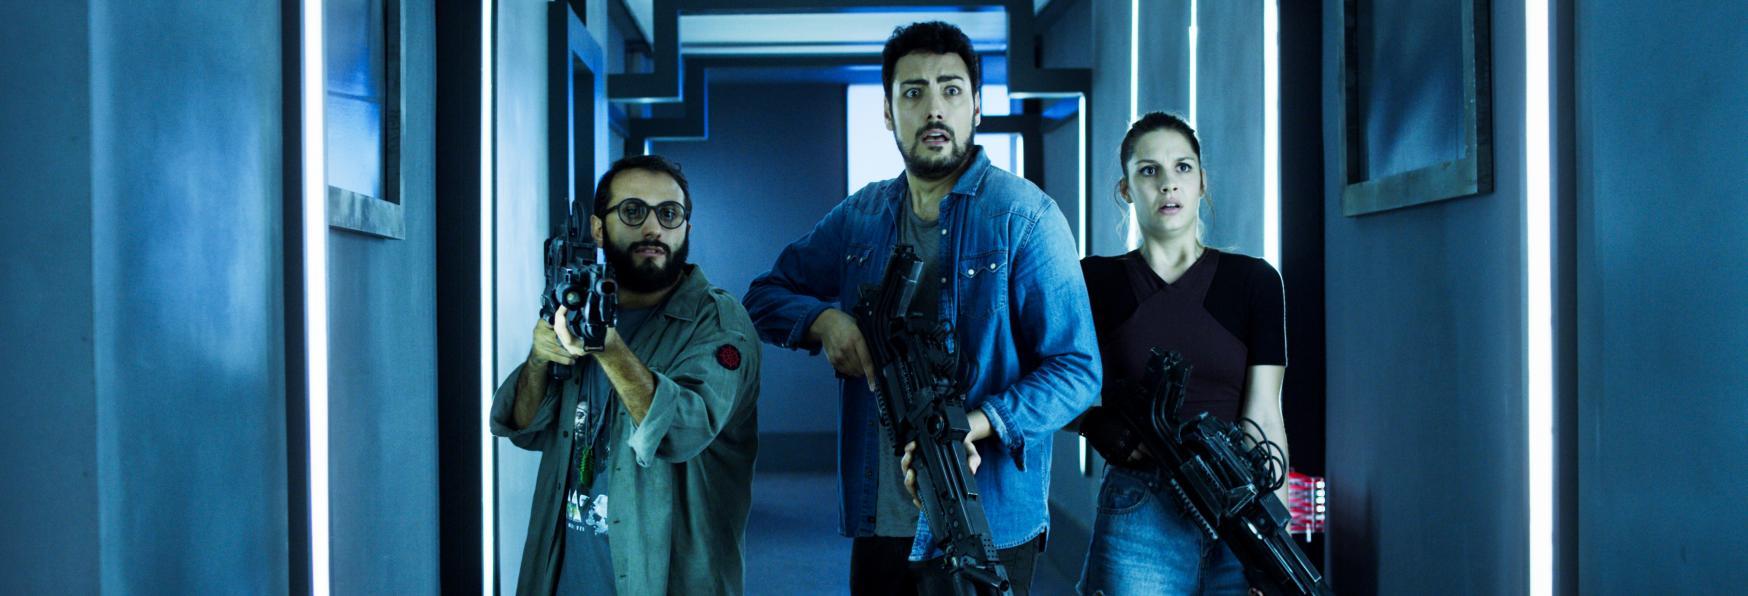 Generazione 56K: Annunciata la nuova Serie TV Netflix con i The Jackal